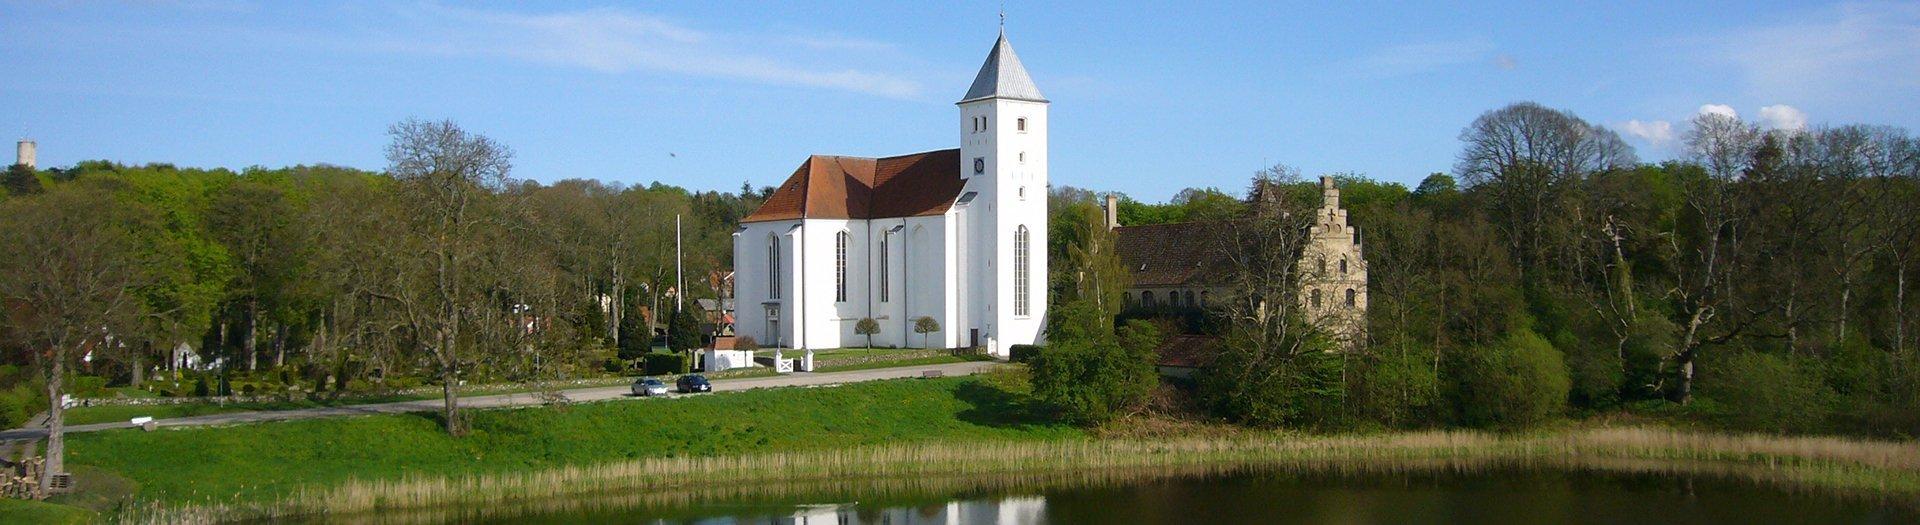 skoenne-jylland-noergaards-hoejskole-mariager-kloster-og-kirke-klosterhave-1920-525